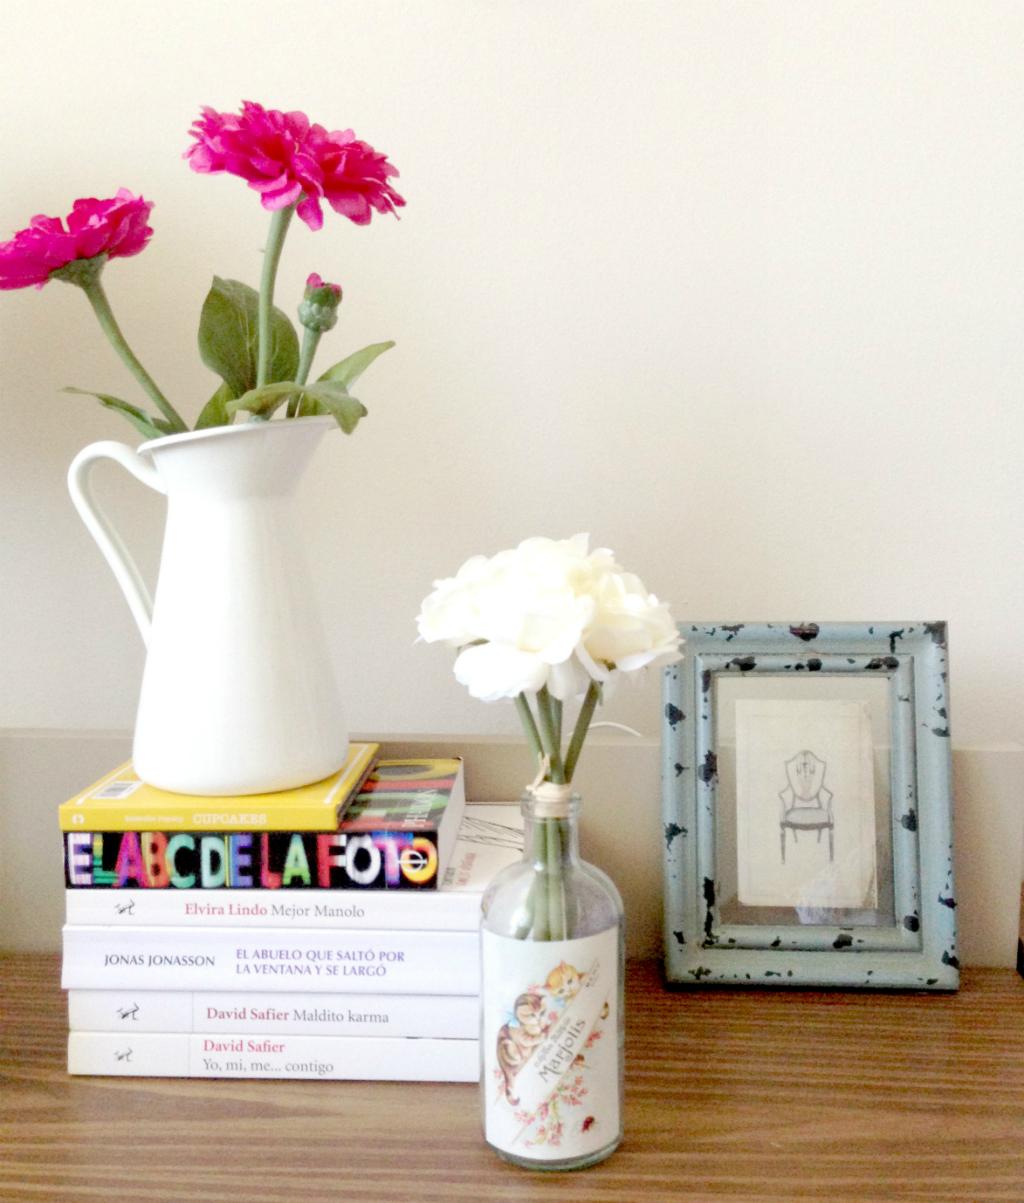 Libros de decoracion de interiores dise os - Libros de decoracion ...